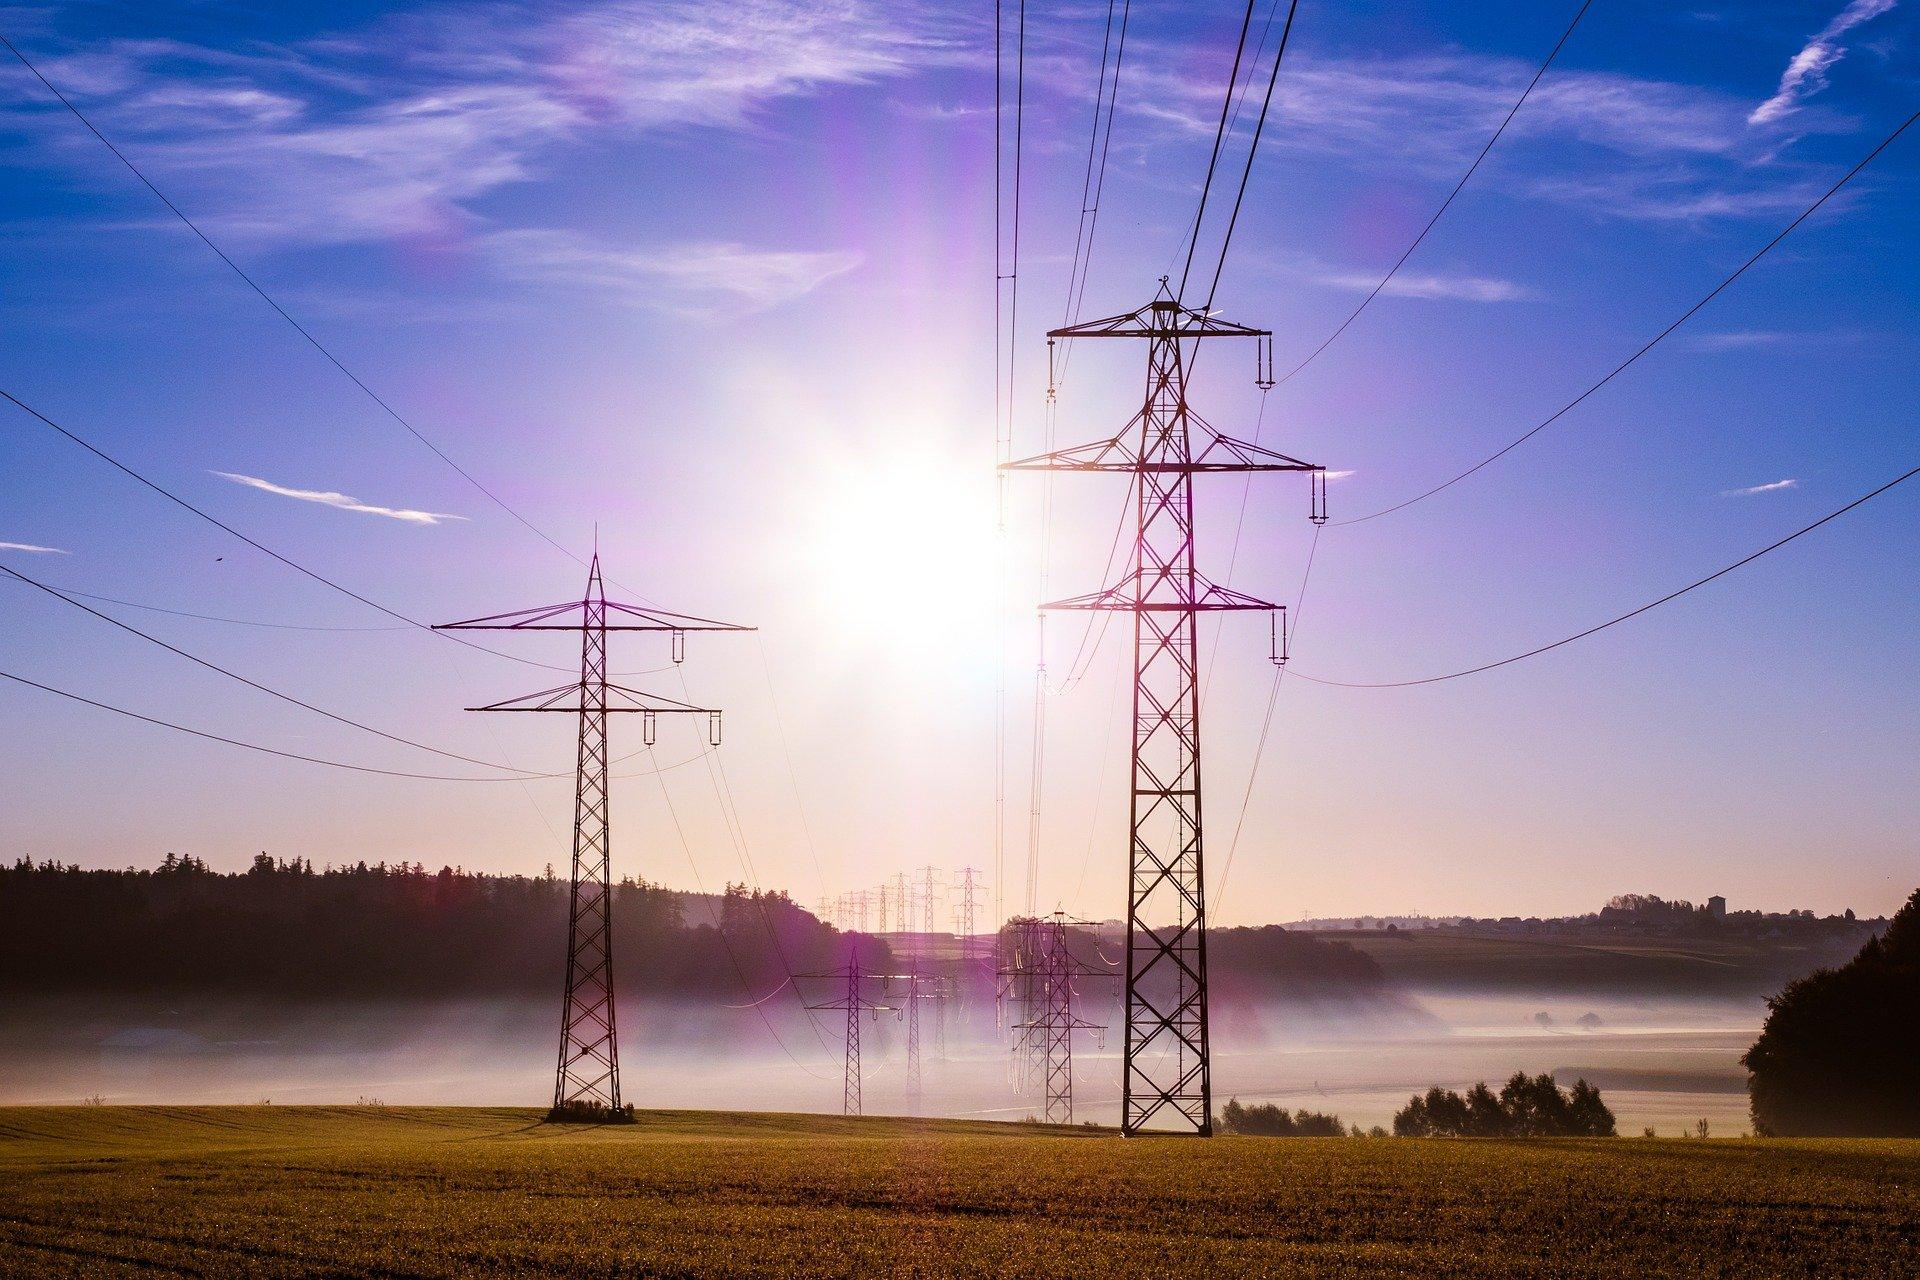 cre demandes arenh 2021 - L'Energeek